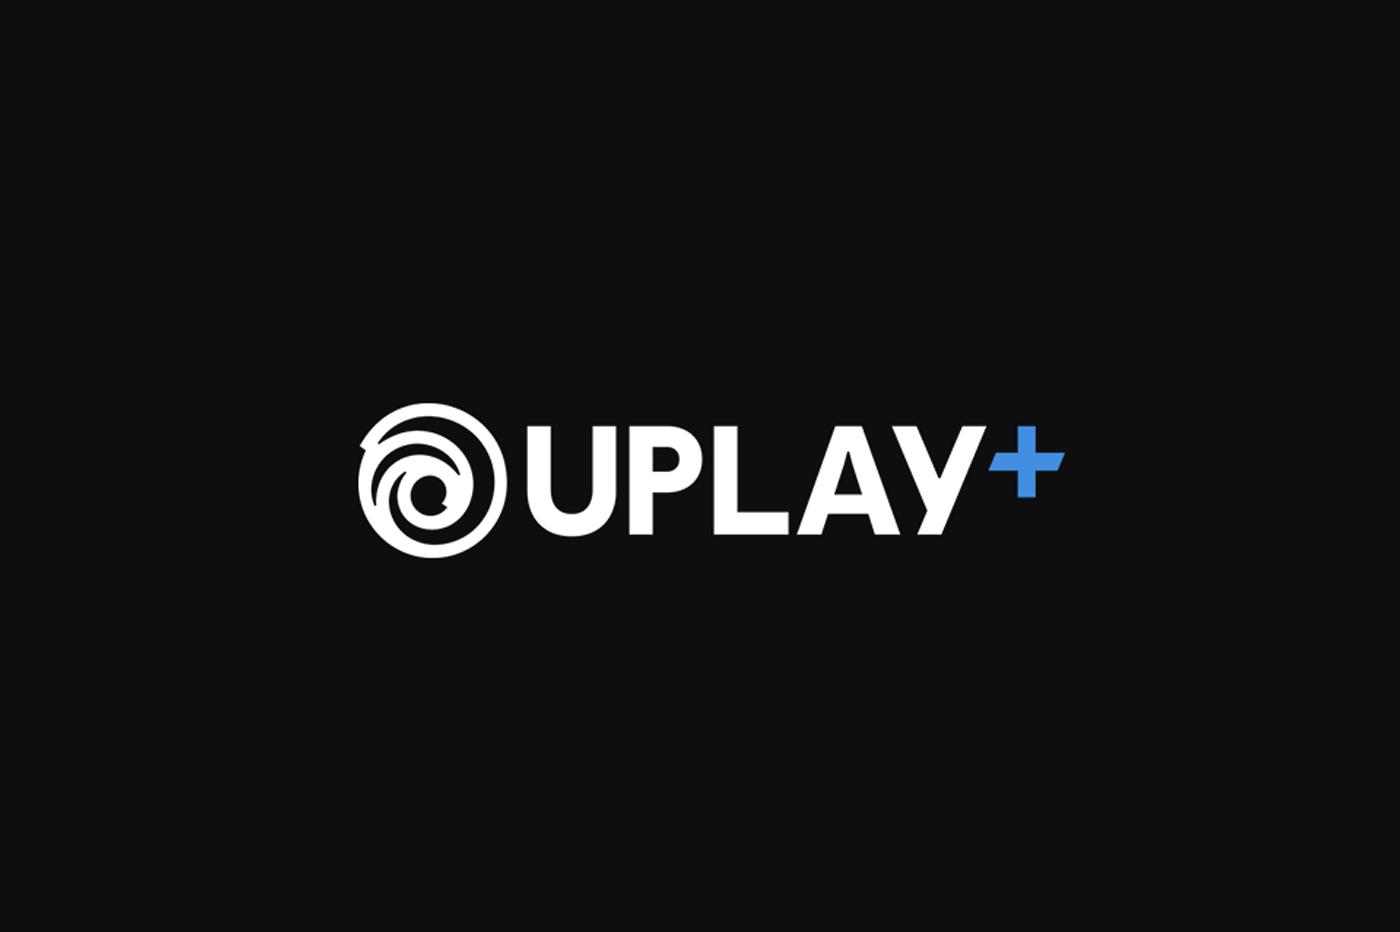 108 jeux seront jouables au lancement de l'abonnement — Uplay